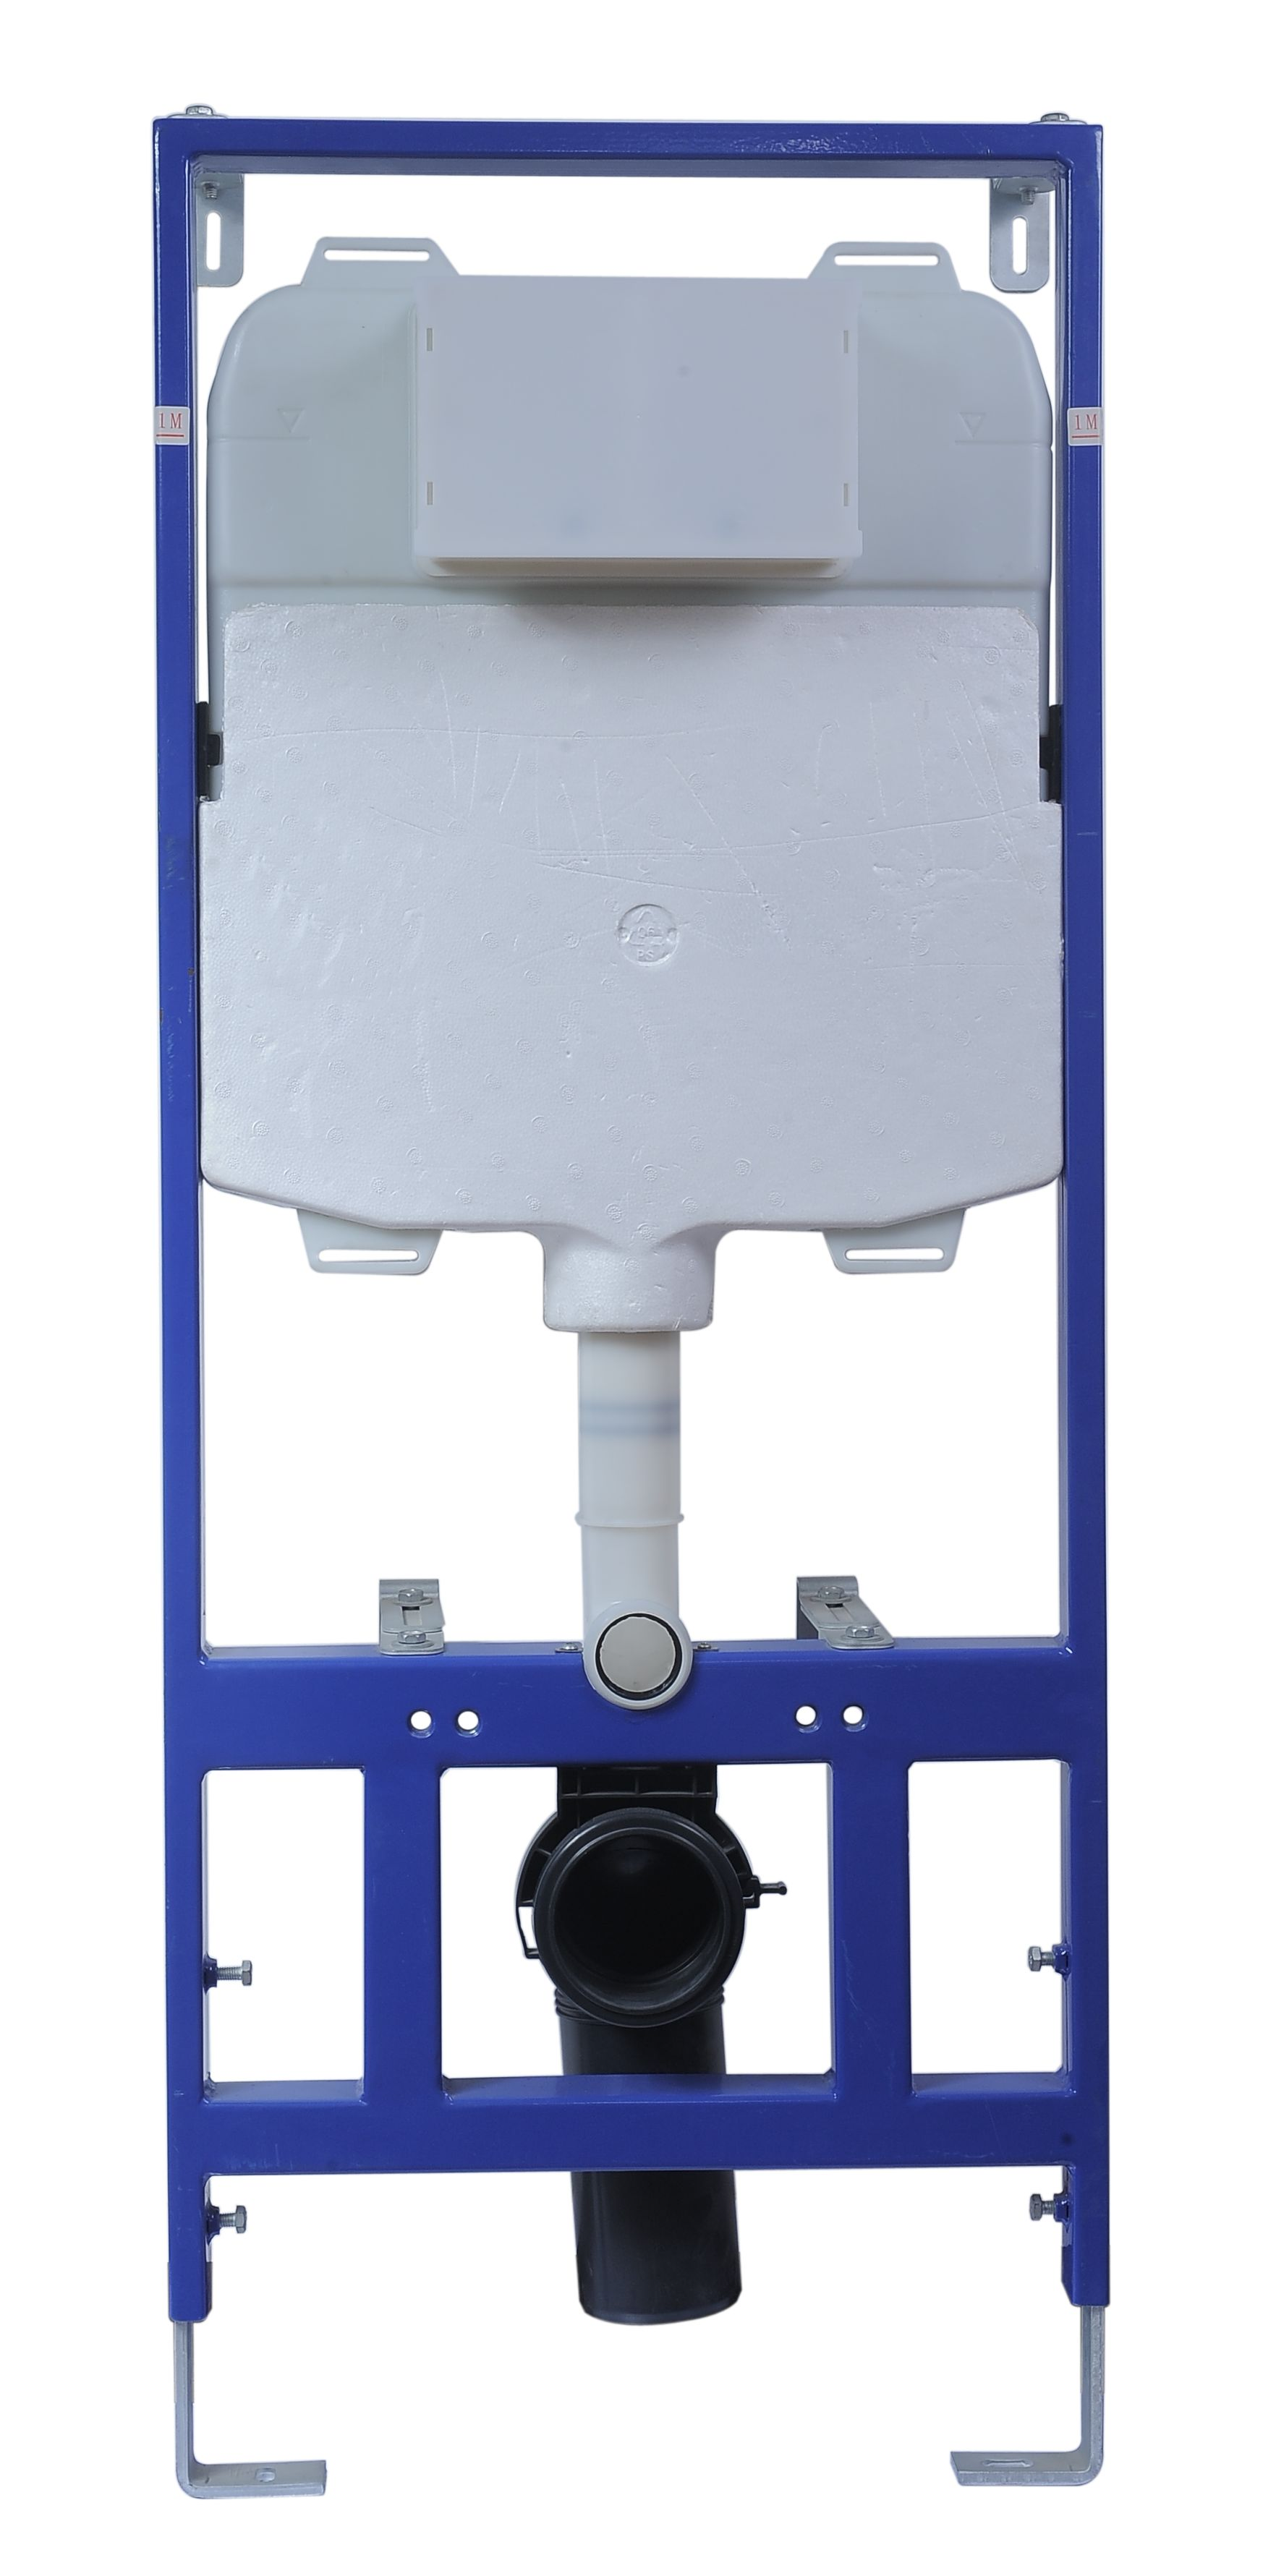 WC Vorwandelement TT-586241 ohne Betätigungsplatte